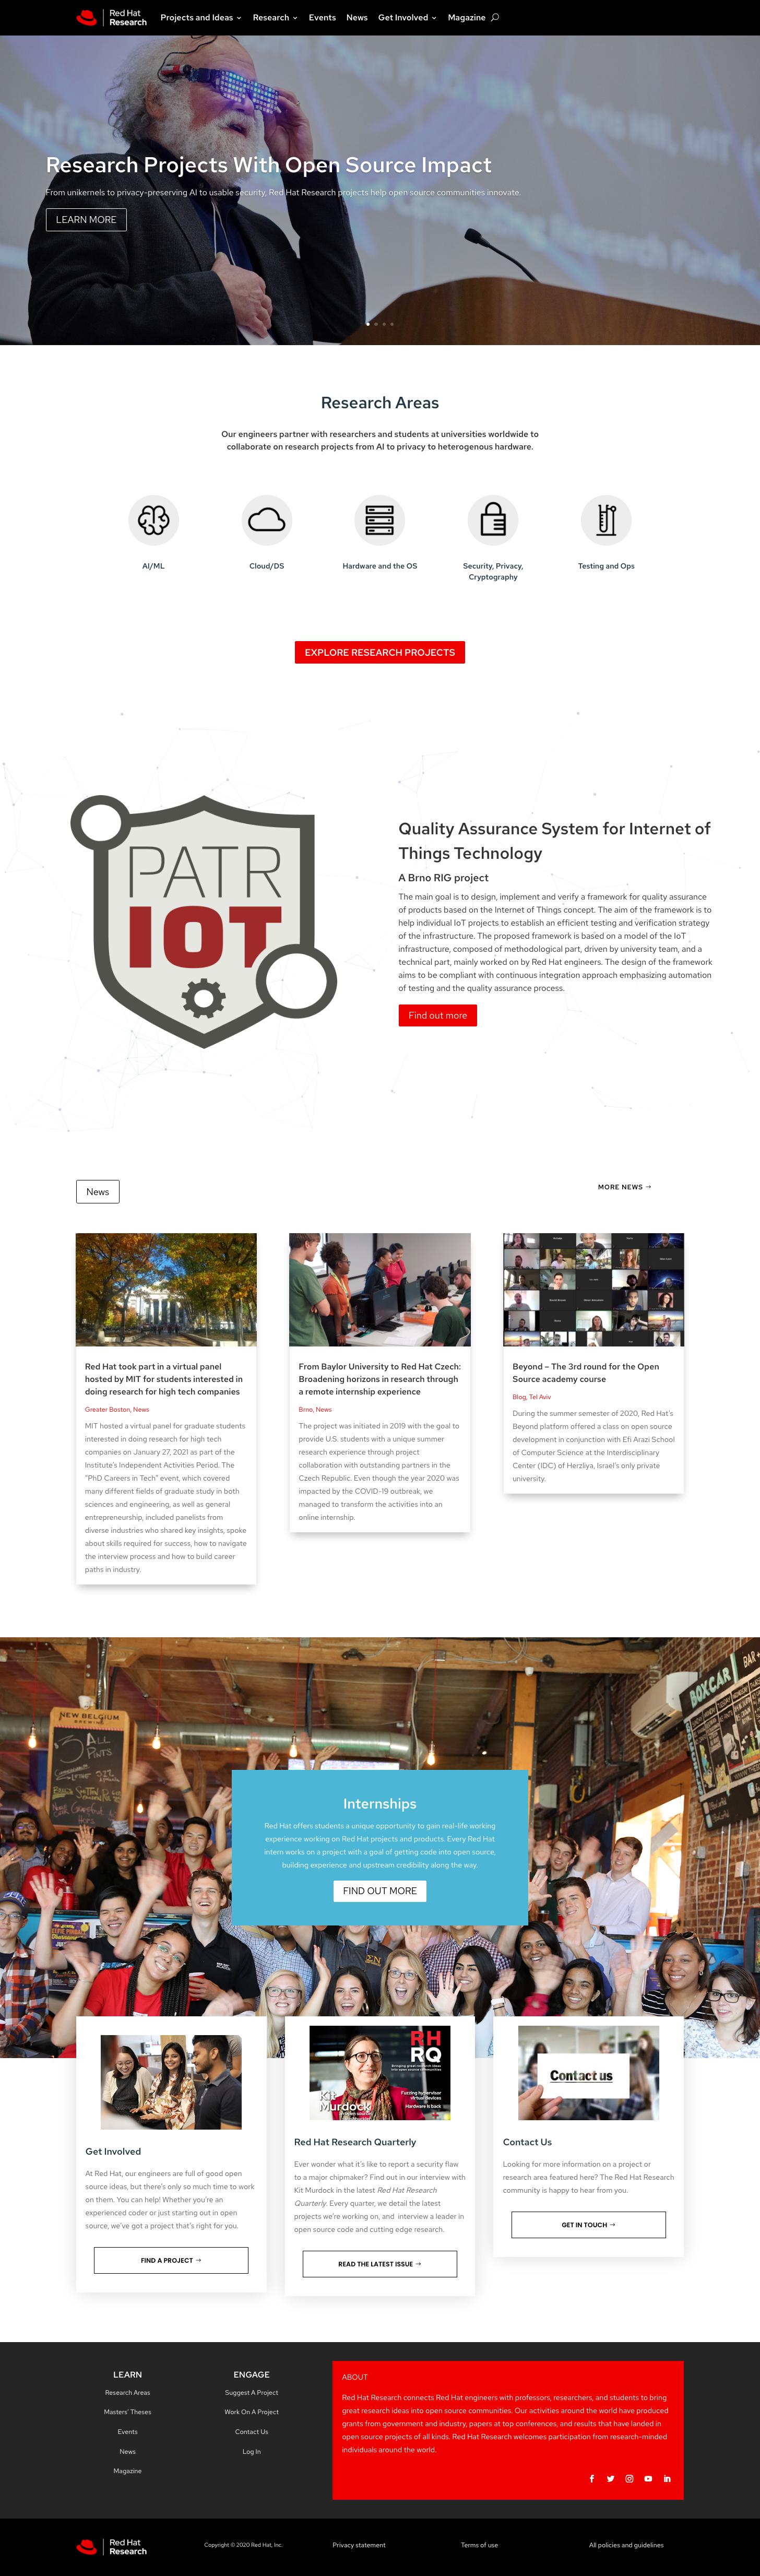 website image for harpist Angela Schwarzkopf